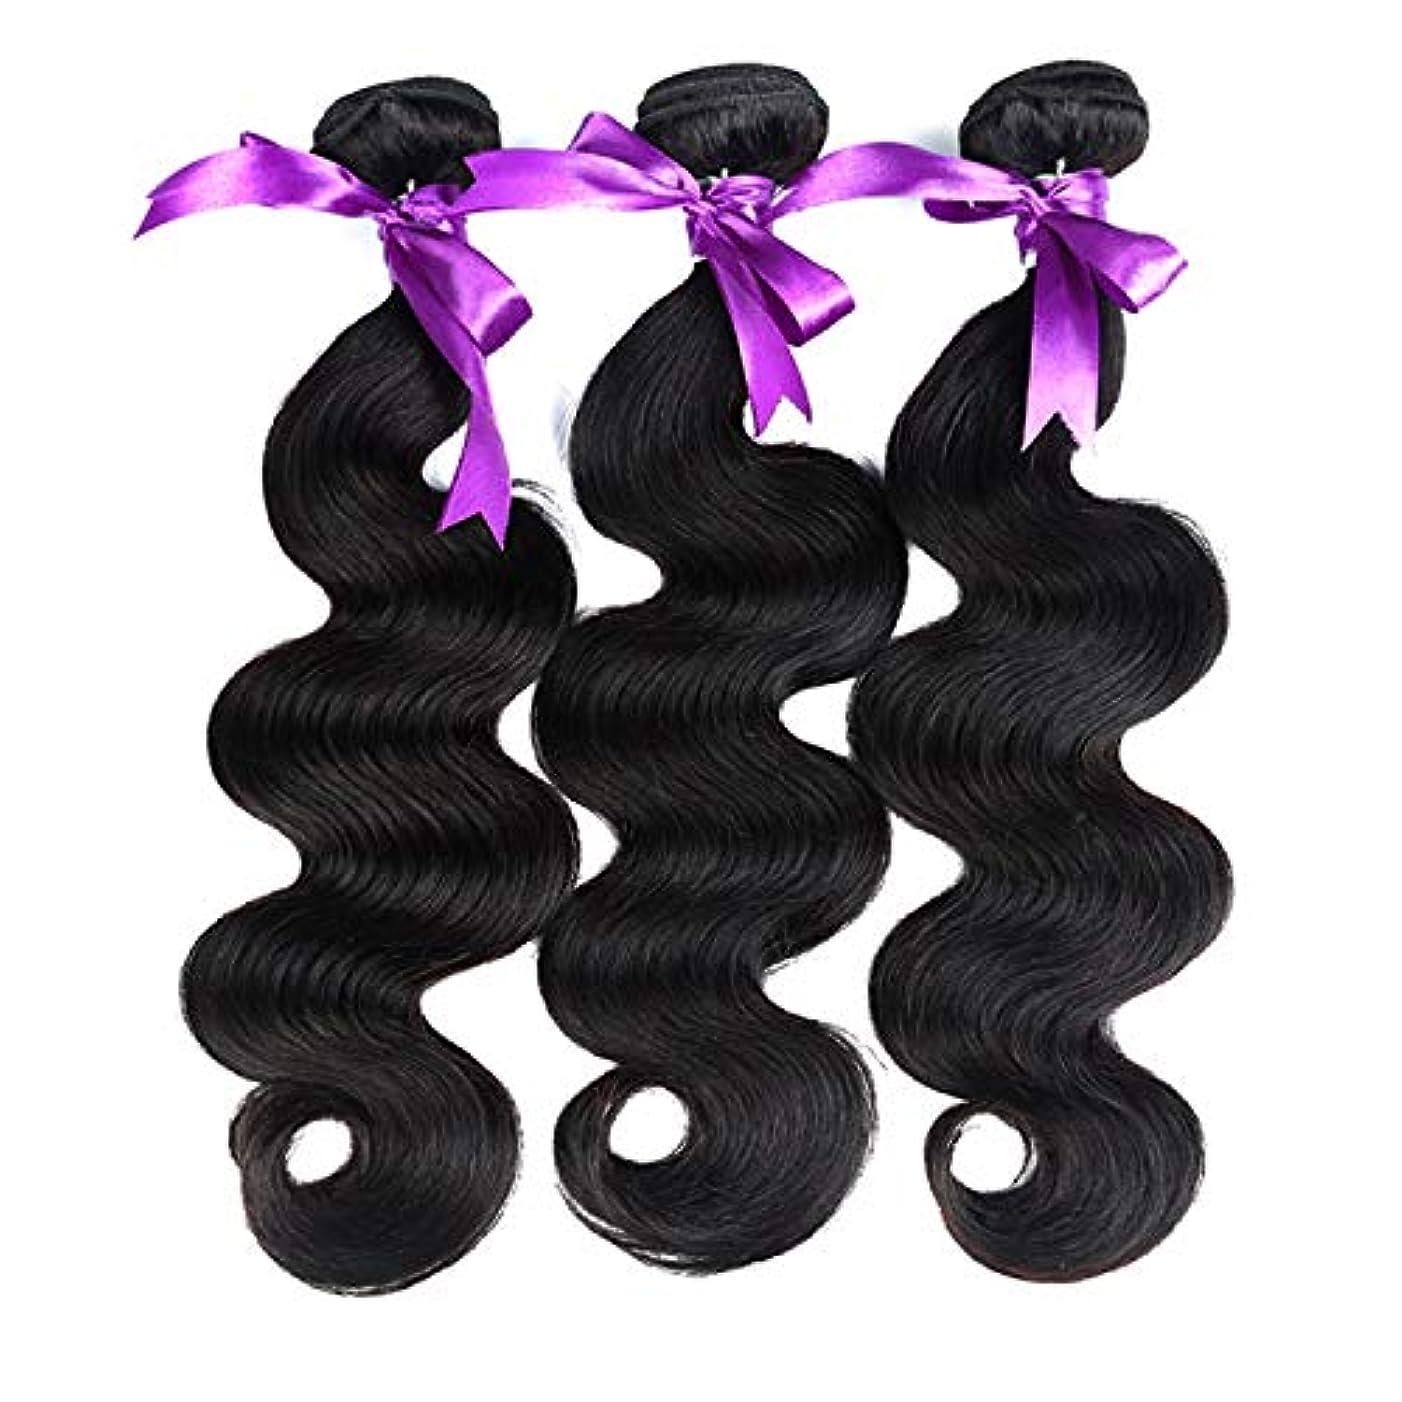 隠効率スモッグ髪ペルー実体波髪3ピース人間の髪バンドル非レミー髪の拡張子8-28インチ (Length : 18 20 22)